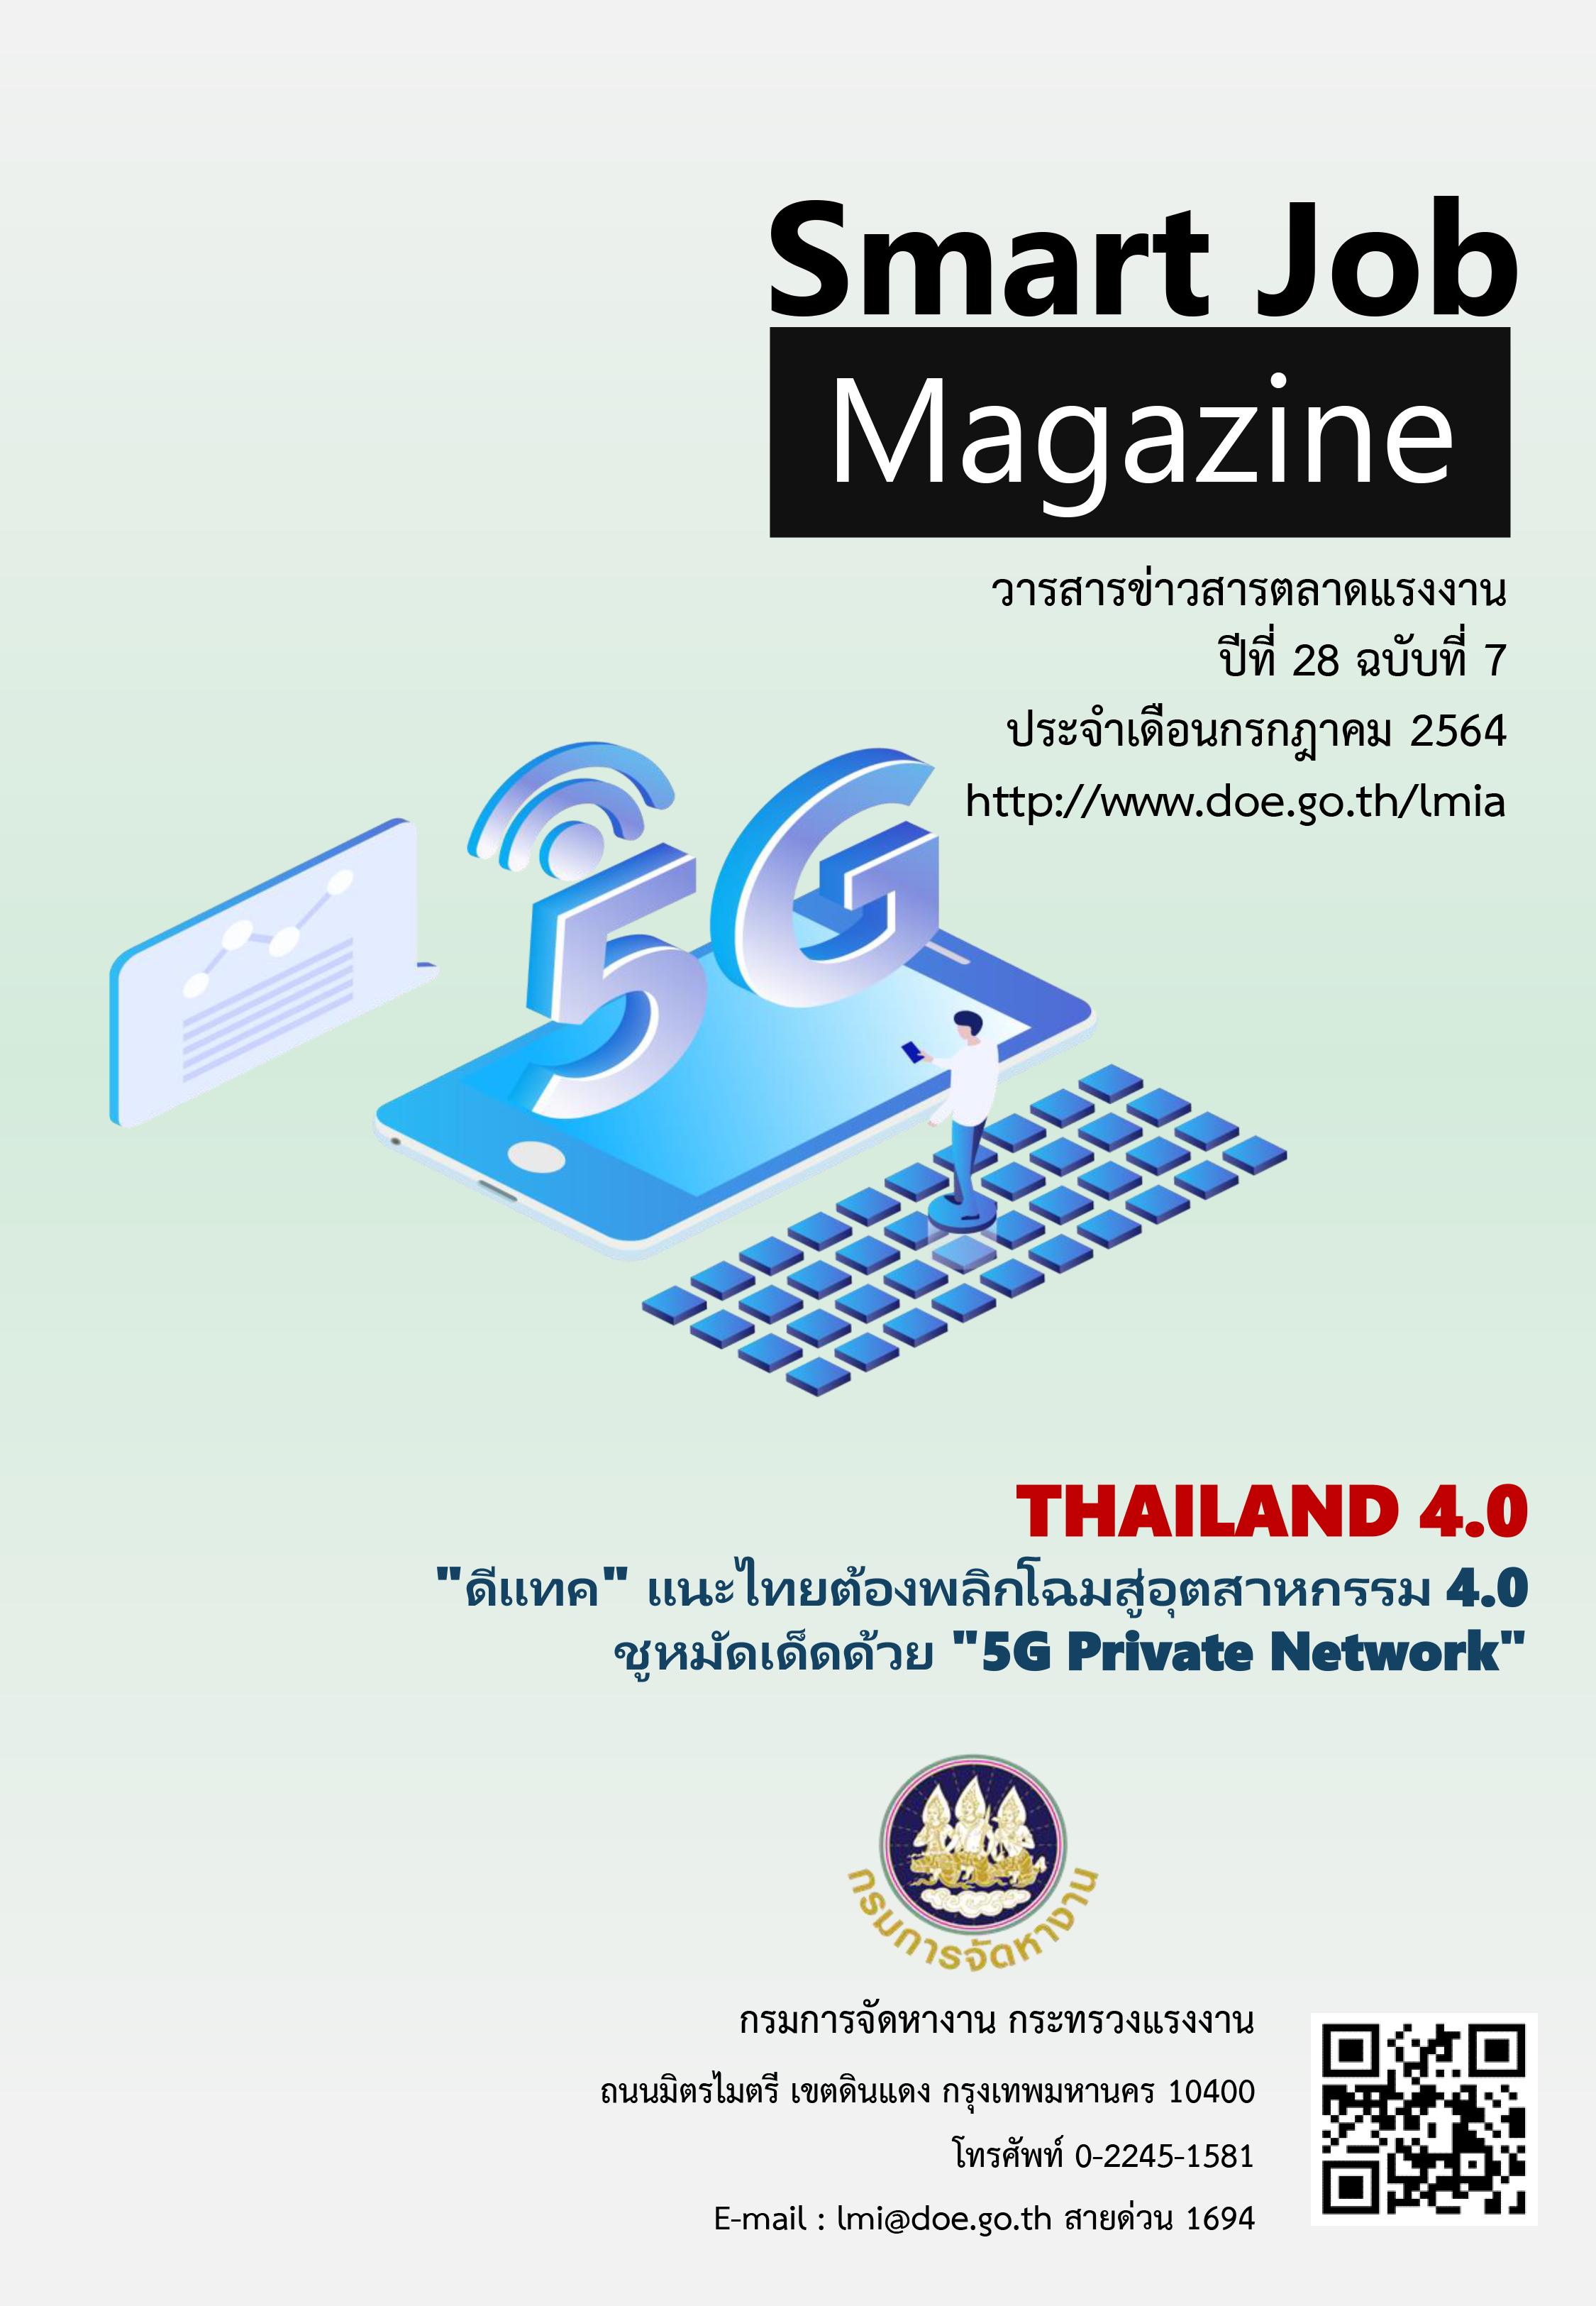 วารสารข่าวสารตลาดแรงงาน Smart Job Magazine ปีที่ 28 ฉบับที่ 7 เดือนกรกฎาคม 2564